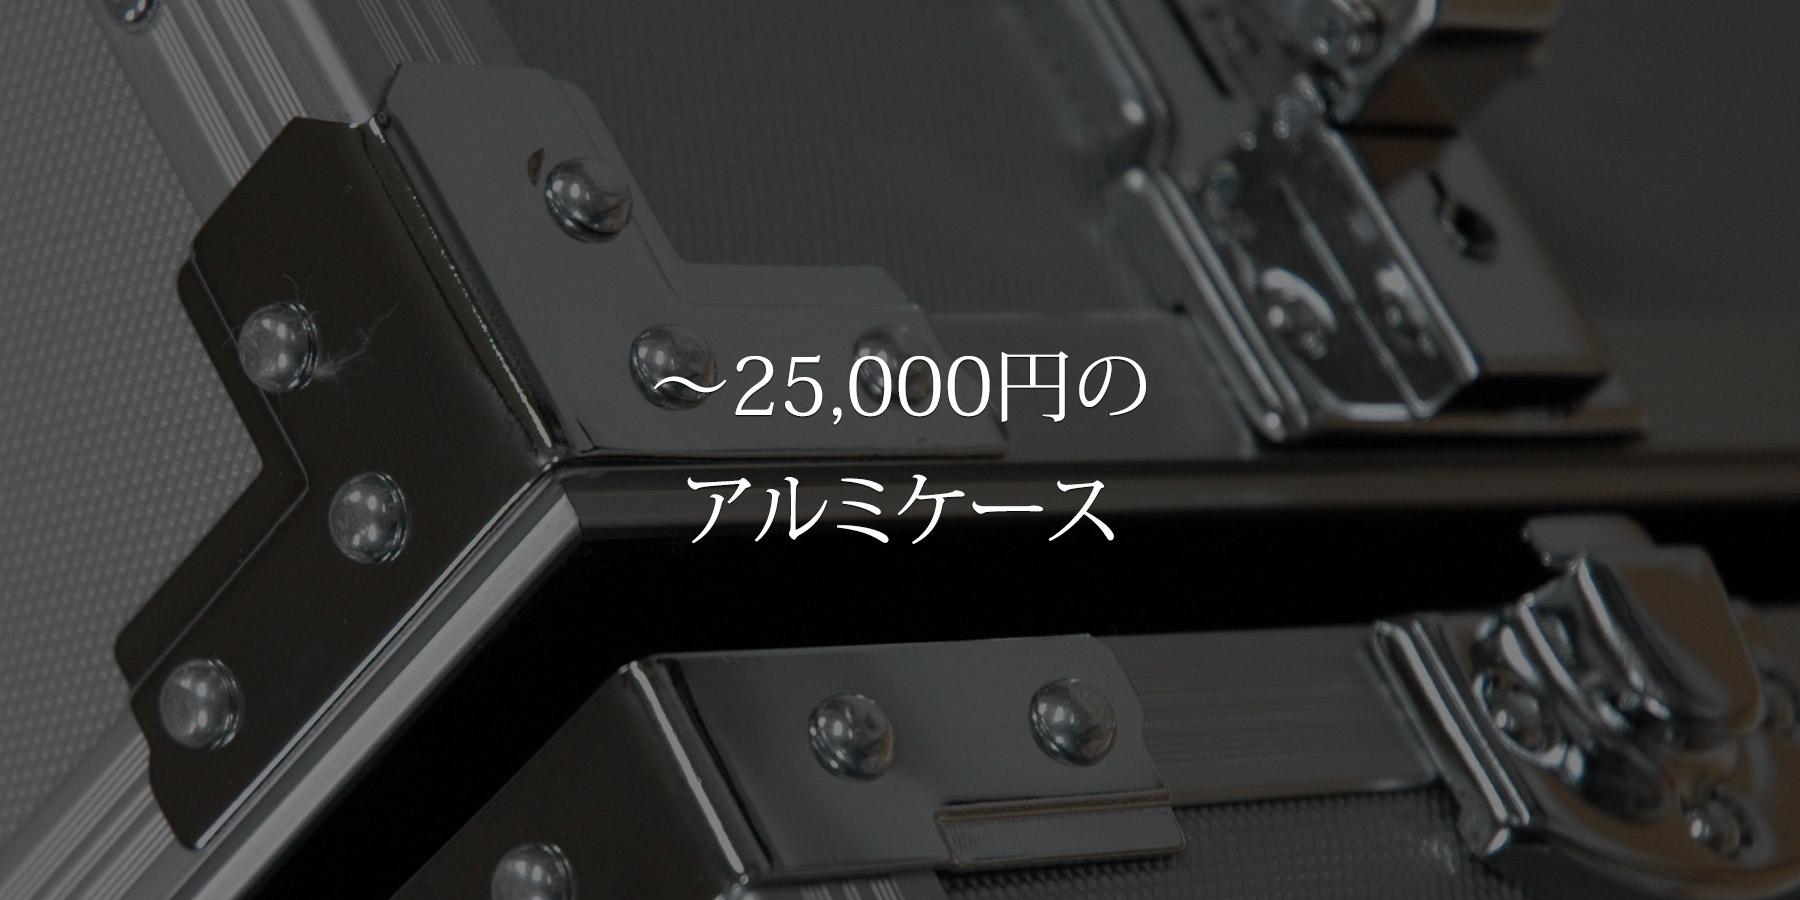 ~25,000円のアルミケース